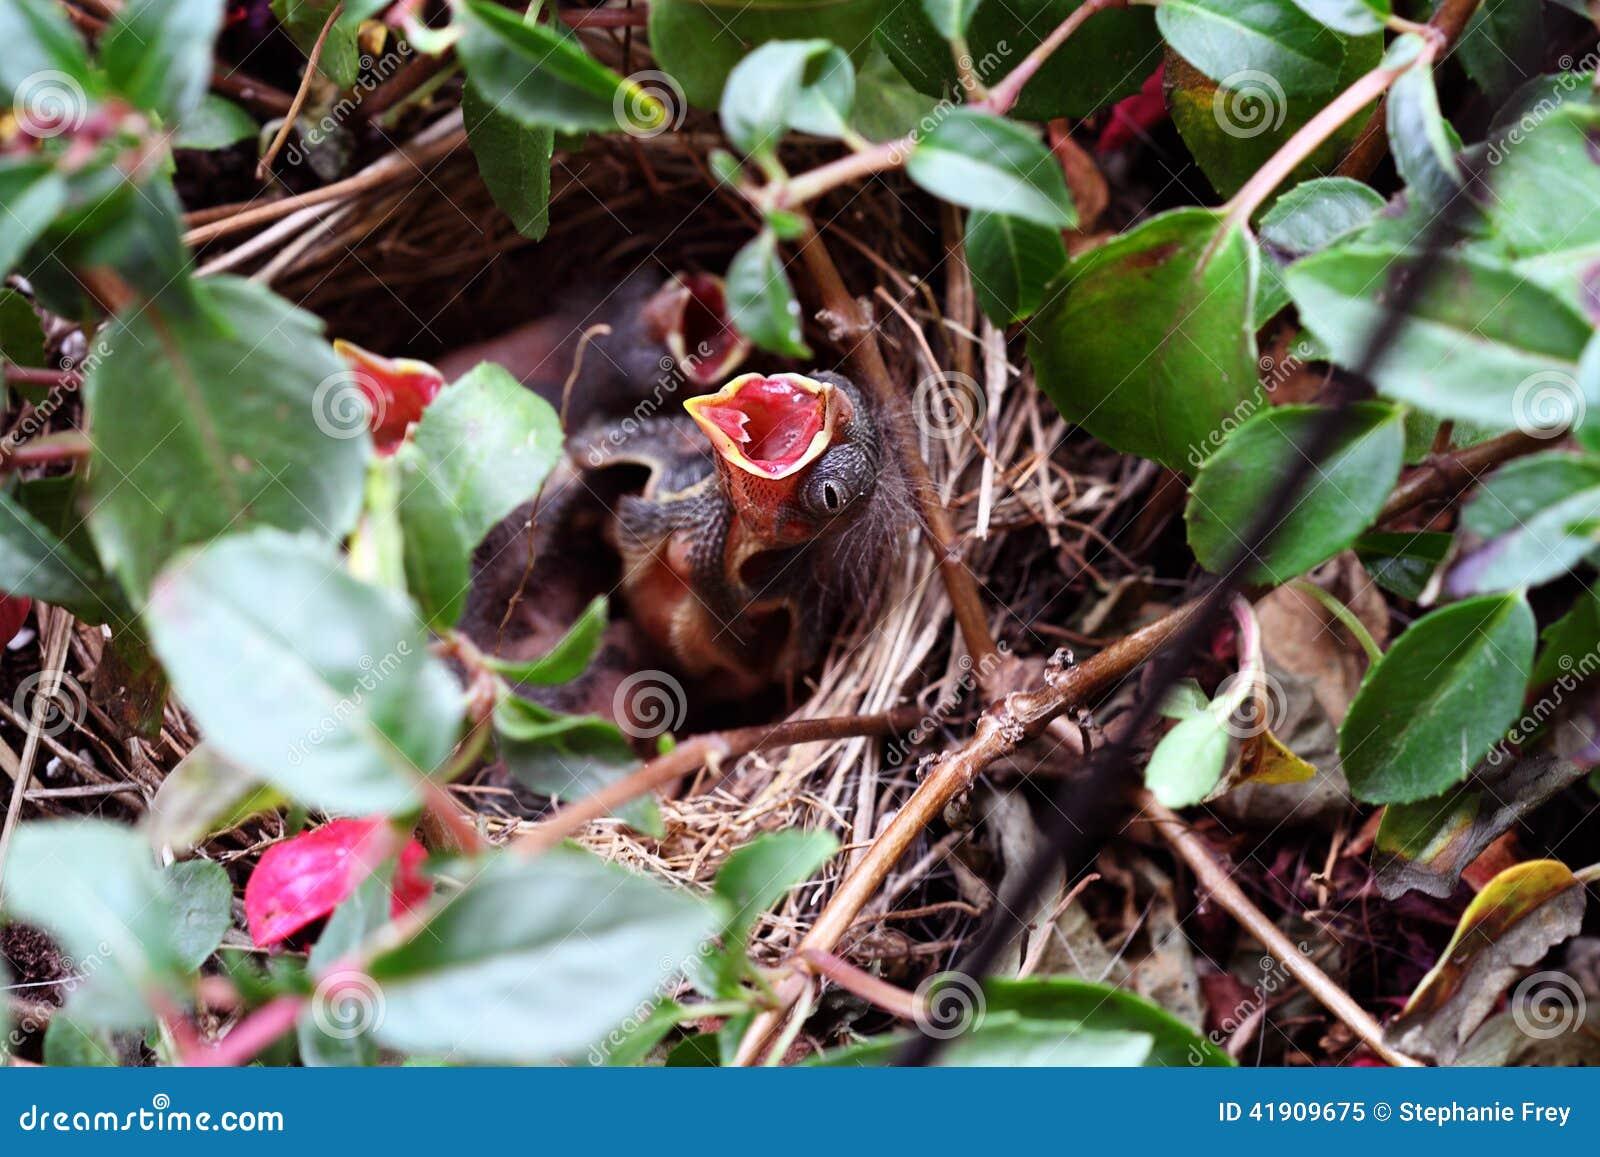 baby spatz in einem nest stockfoto bild 41909675. Black Bedroom Furniture Sets. Home Design Ideas